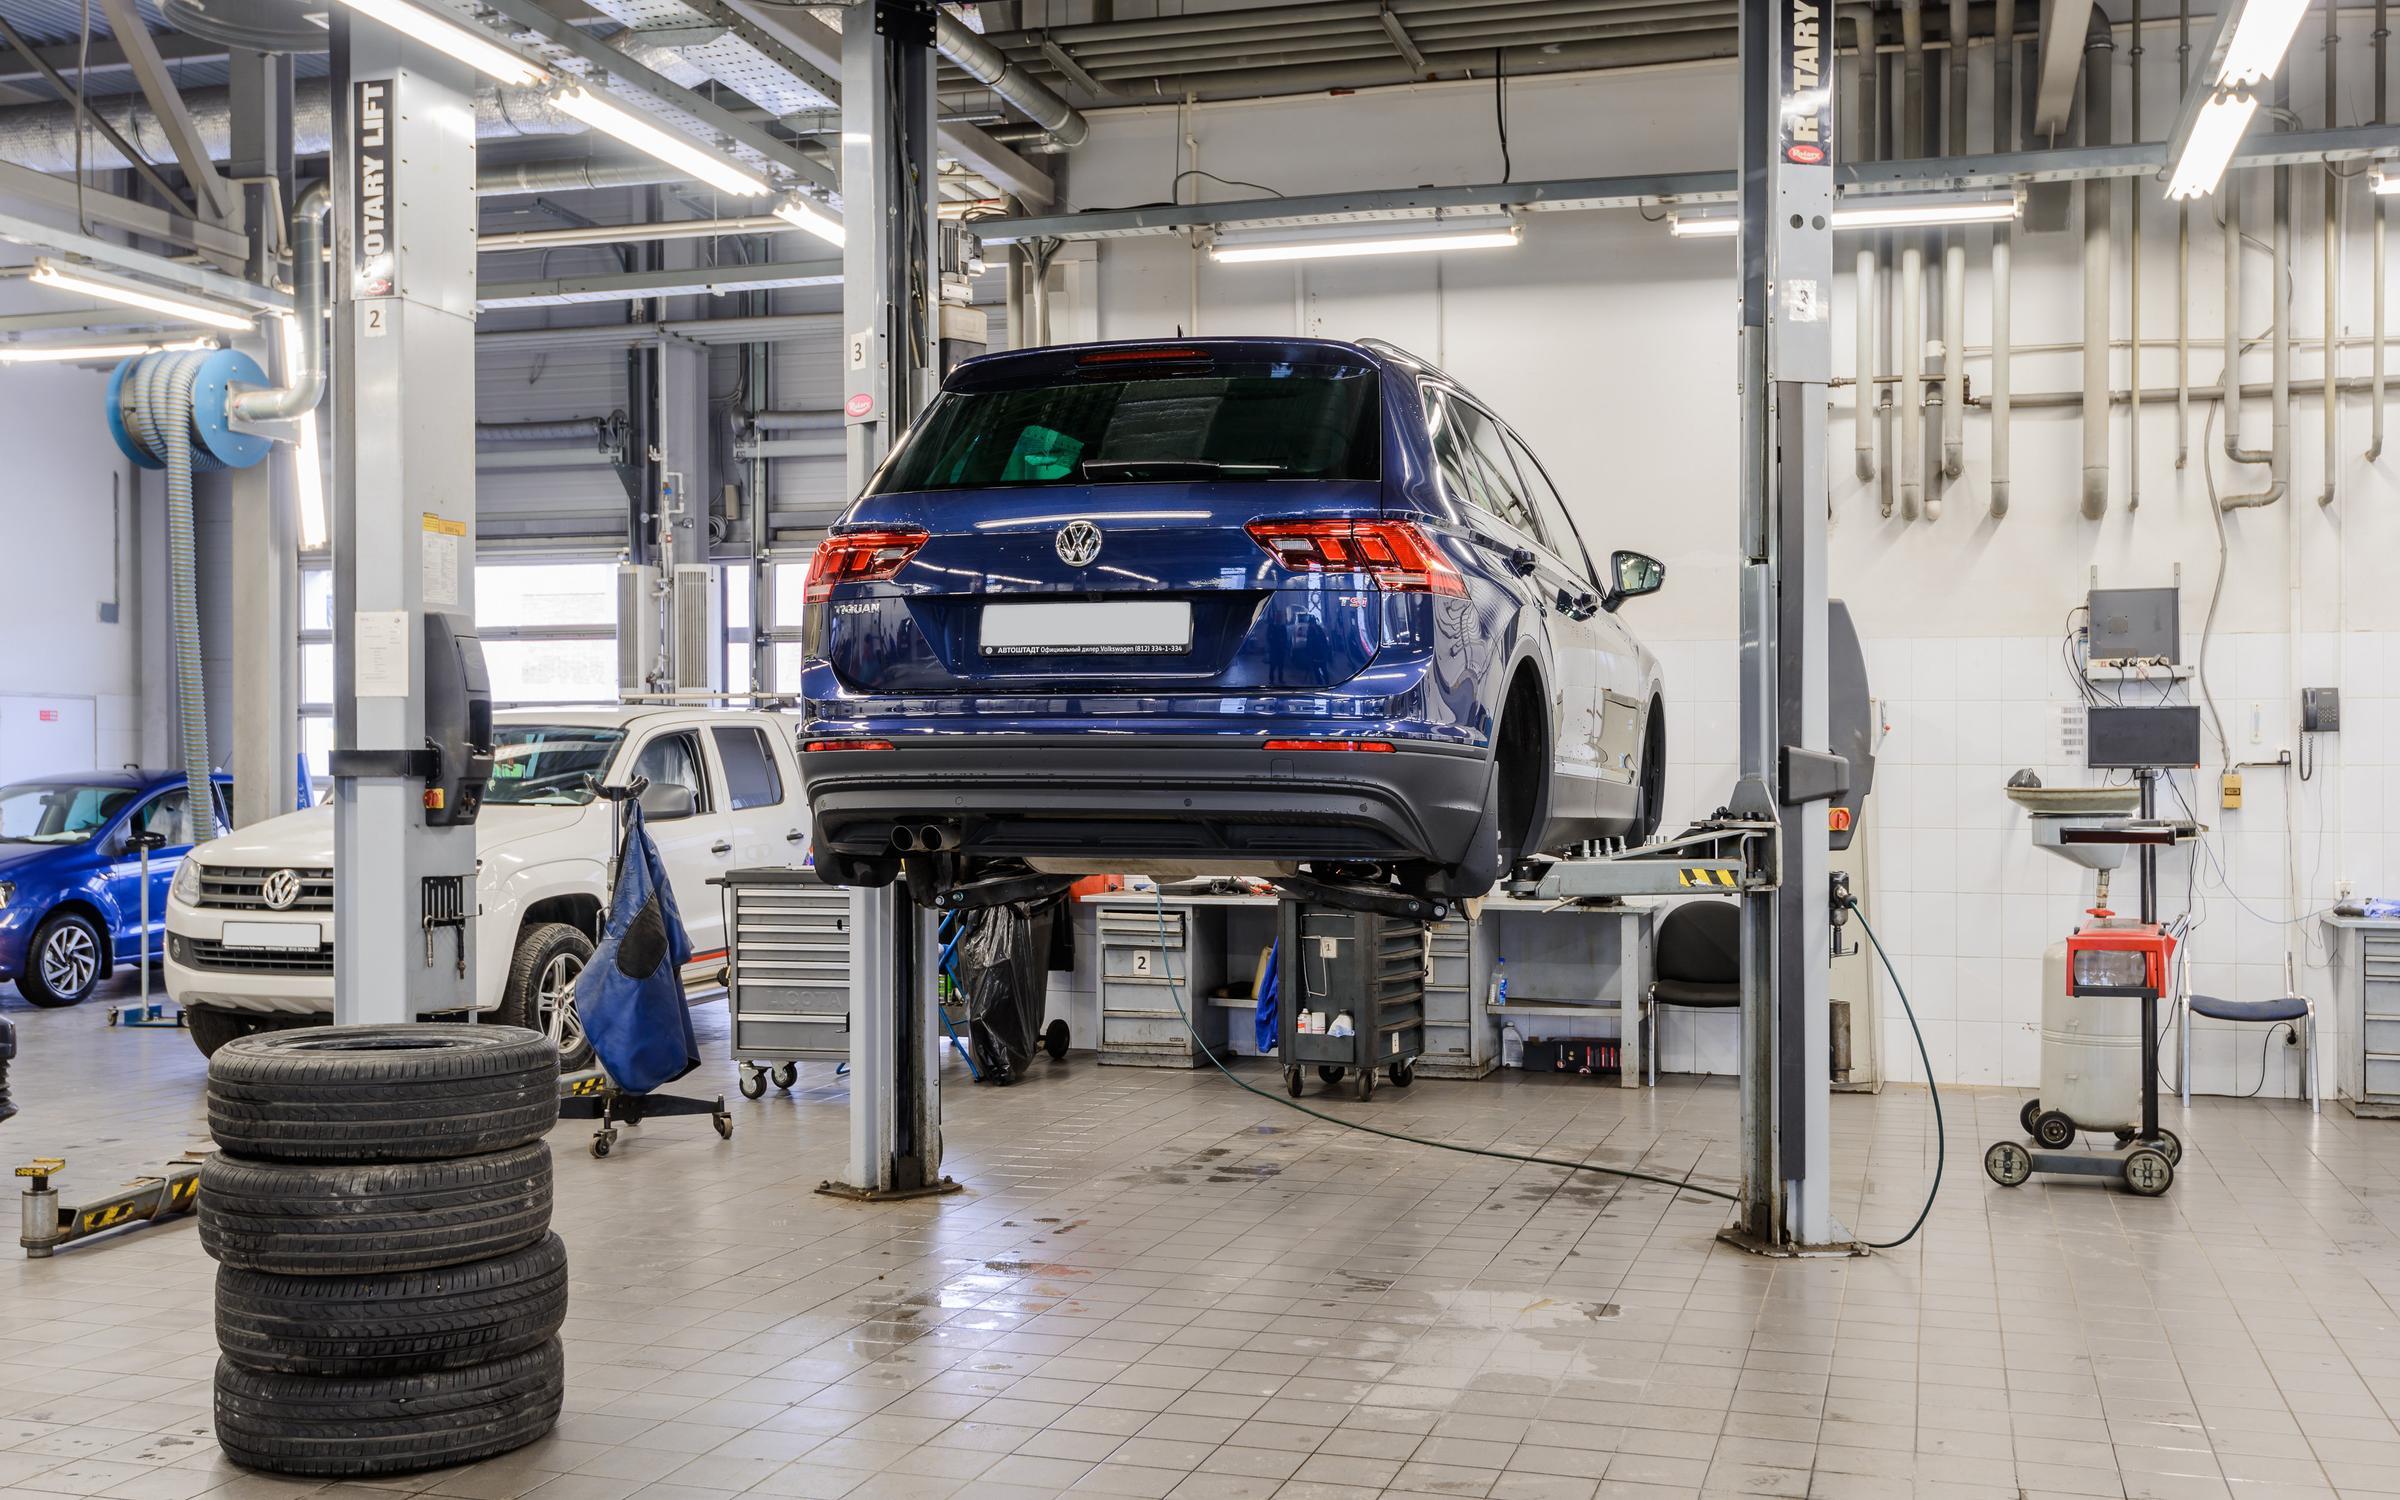 фотография Официального сервиса Volkswagen Автоштадт Нева на Рыбинской улице